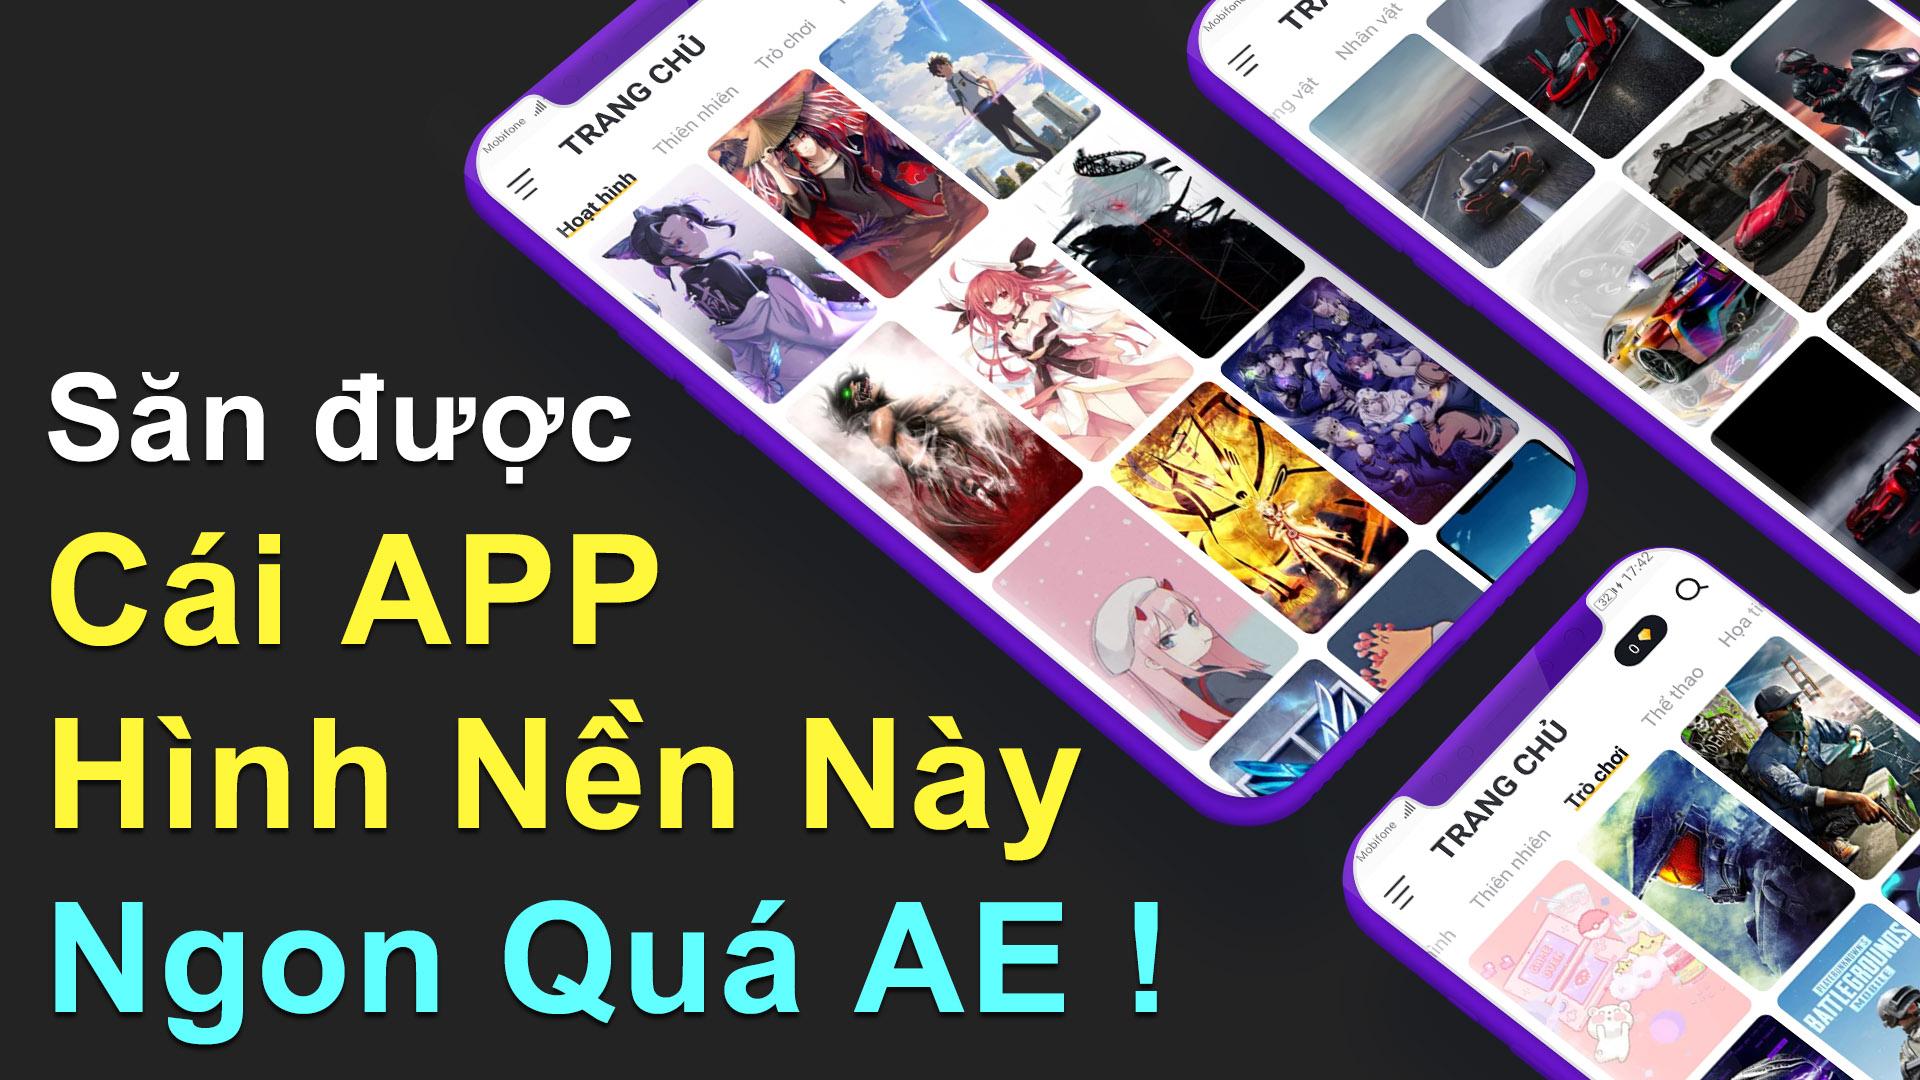 Chia sẻ Ứng dụng Hình Nền đẹp và chất lượng dành cho điện thoại Android 2021